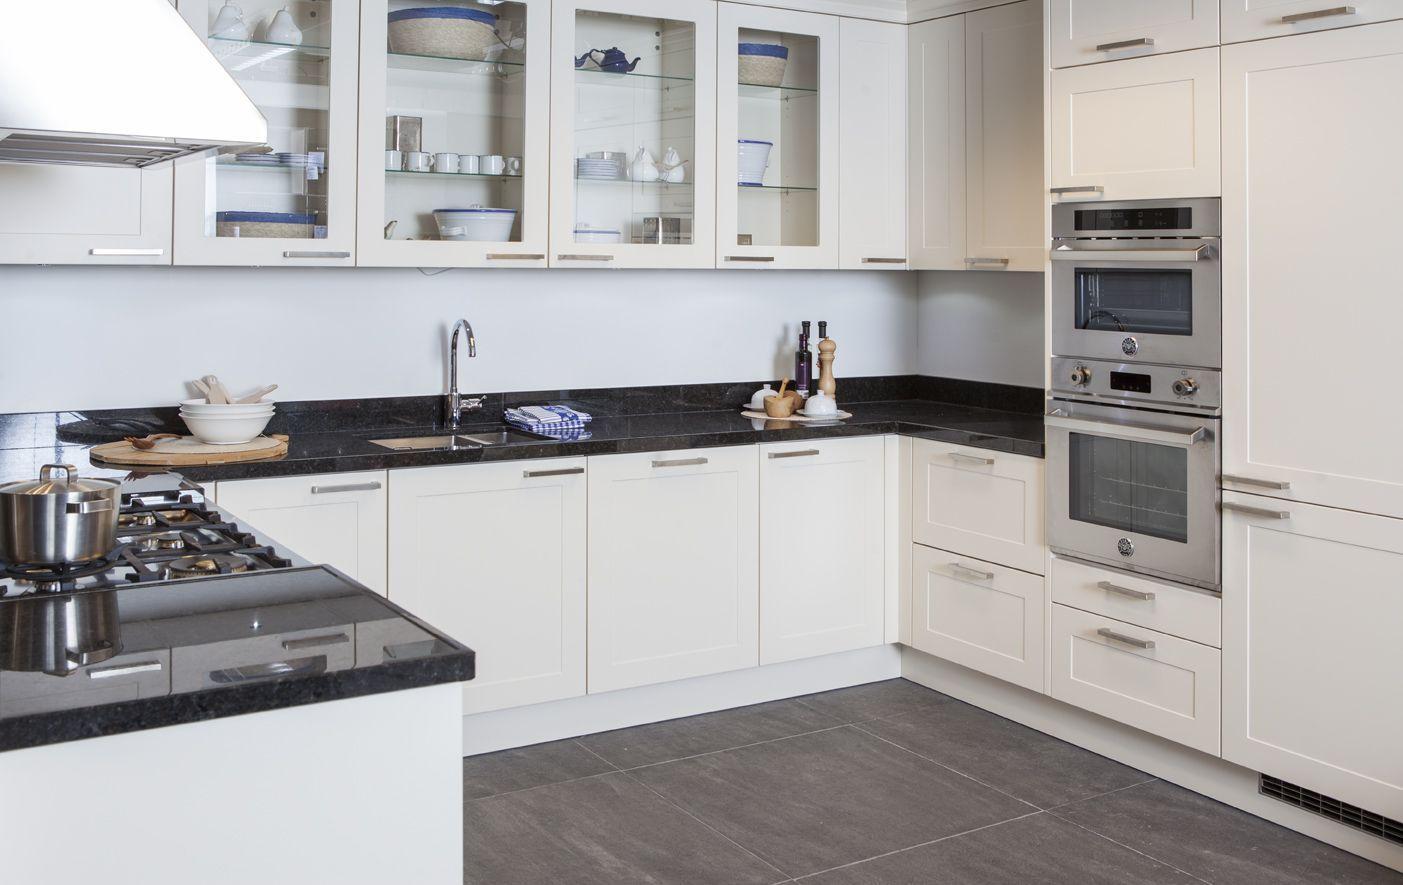 U Vorm Keuken : U vorm keukens google zoeken keuken in 2018 pinterest